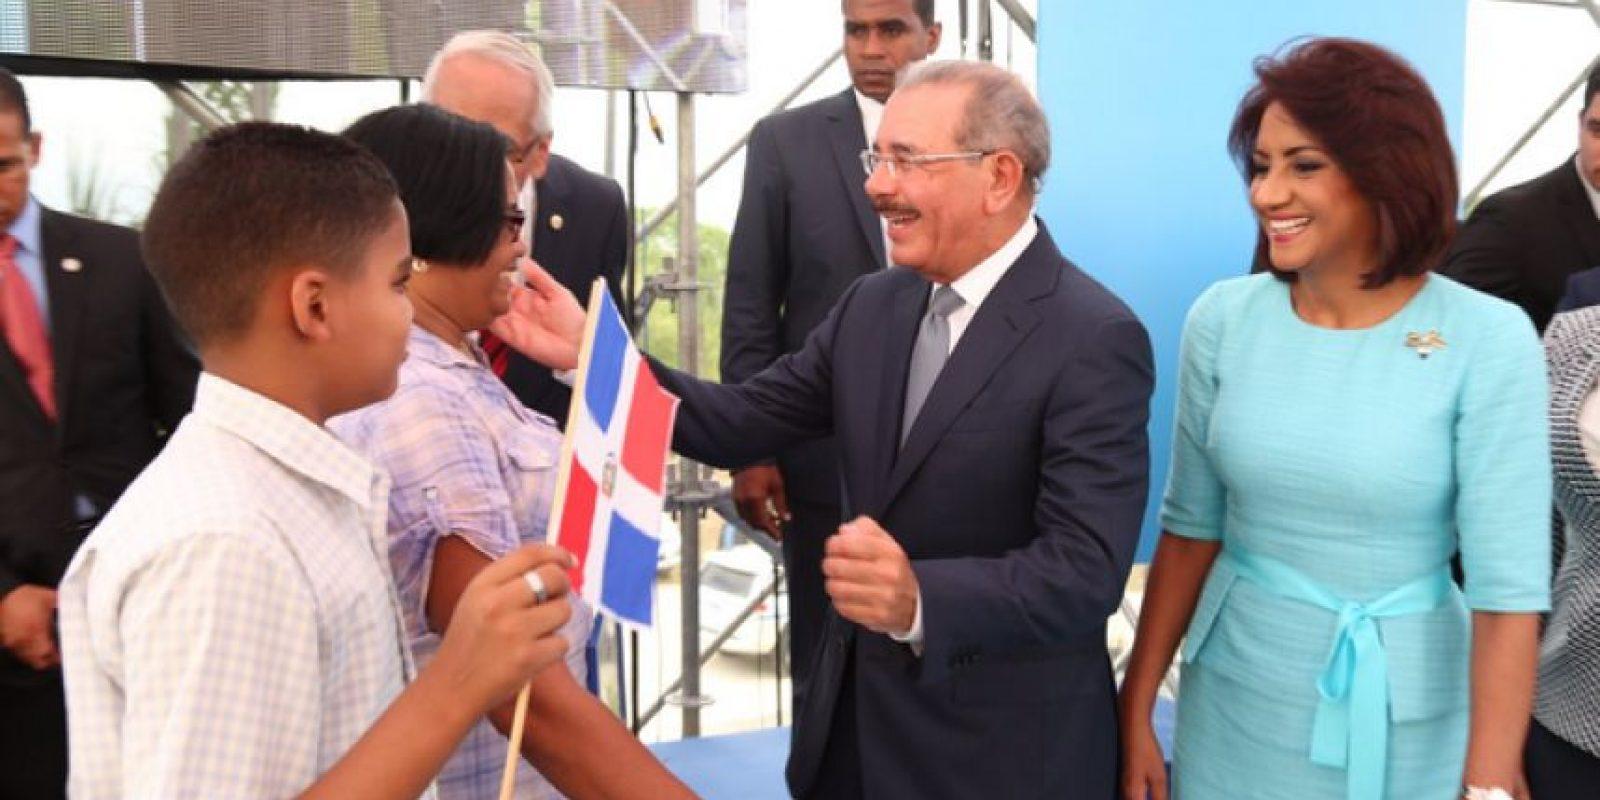 El presidente Medina recibe a los residentes beneficiados en la Nueva Barquita Foto:Fuente Externa